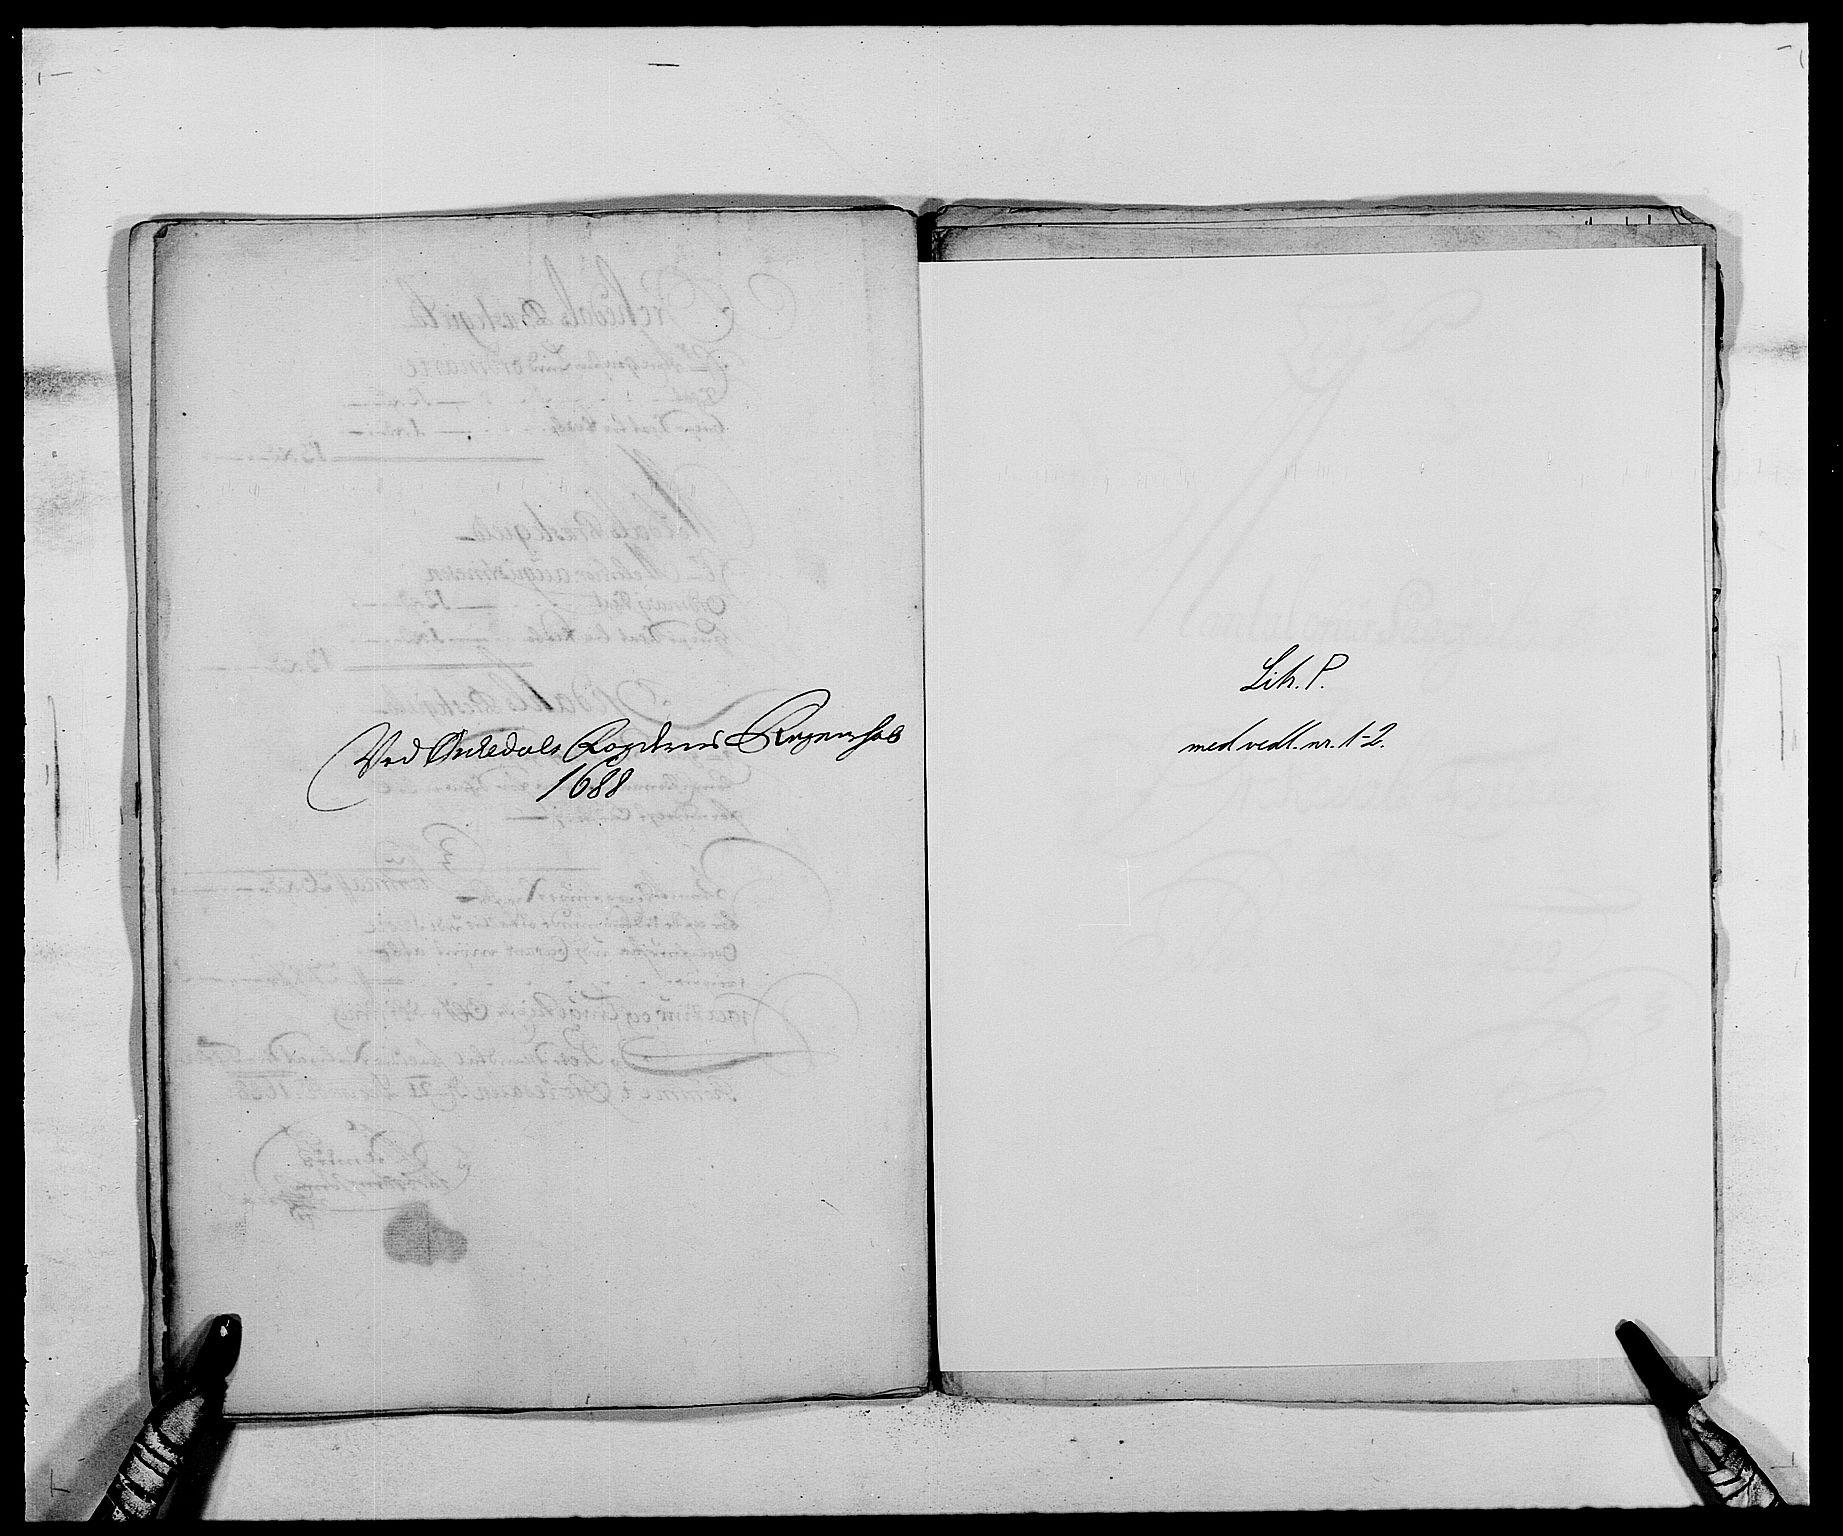 RA, Rentekammeret inntil 1814, Reviderte regnskaper, Fogderegnskap, R58/L3935: Fogderegnskap Orkdal, 1687-1688, s. 350